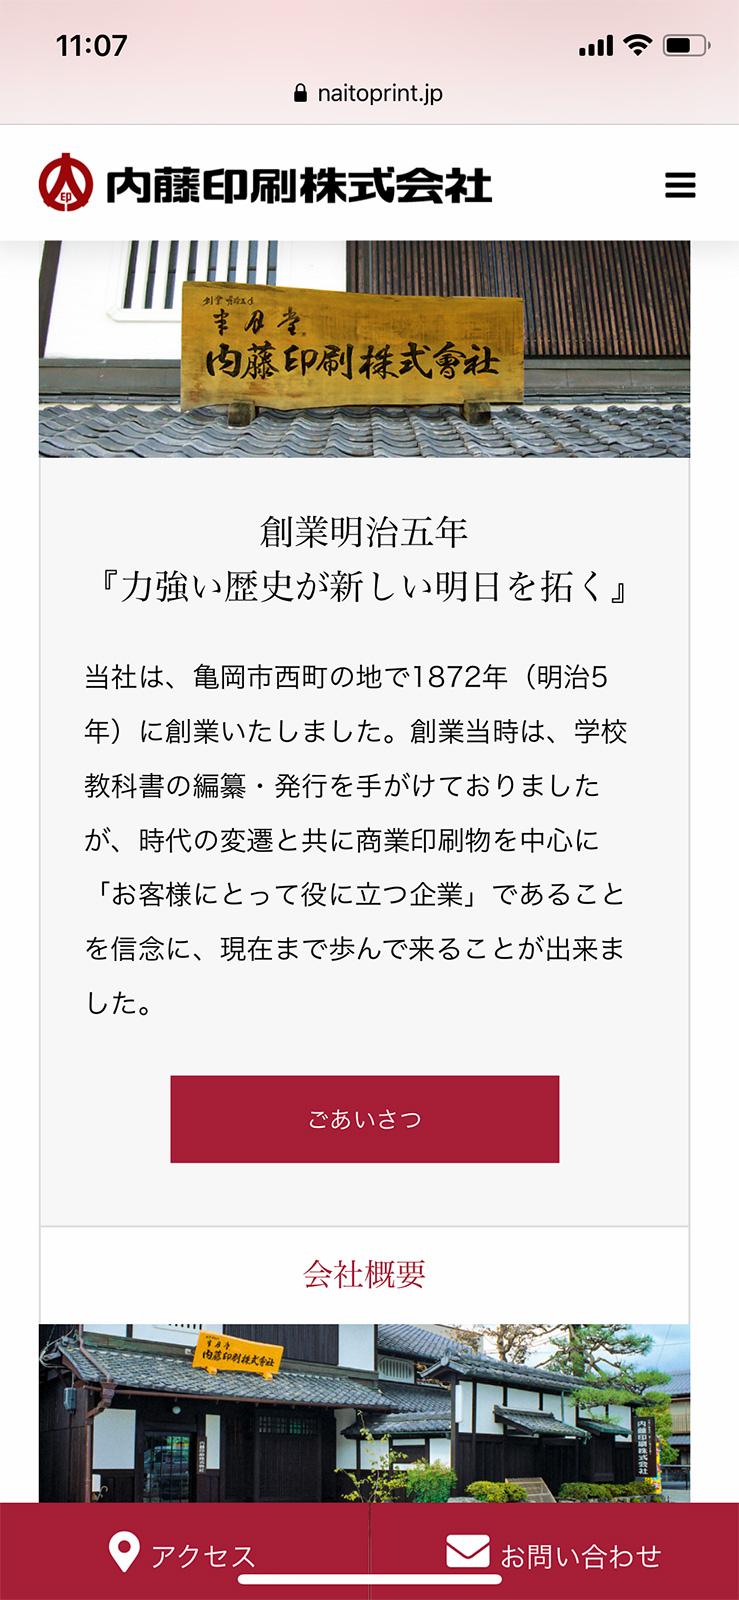 内藤印刷スマホサイト1